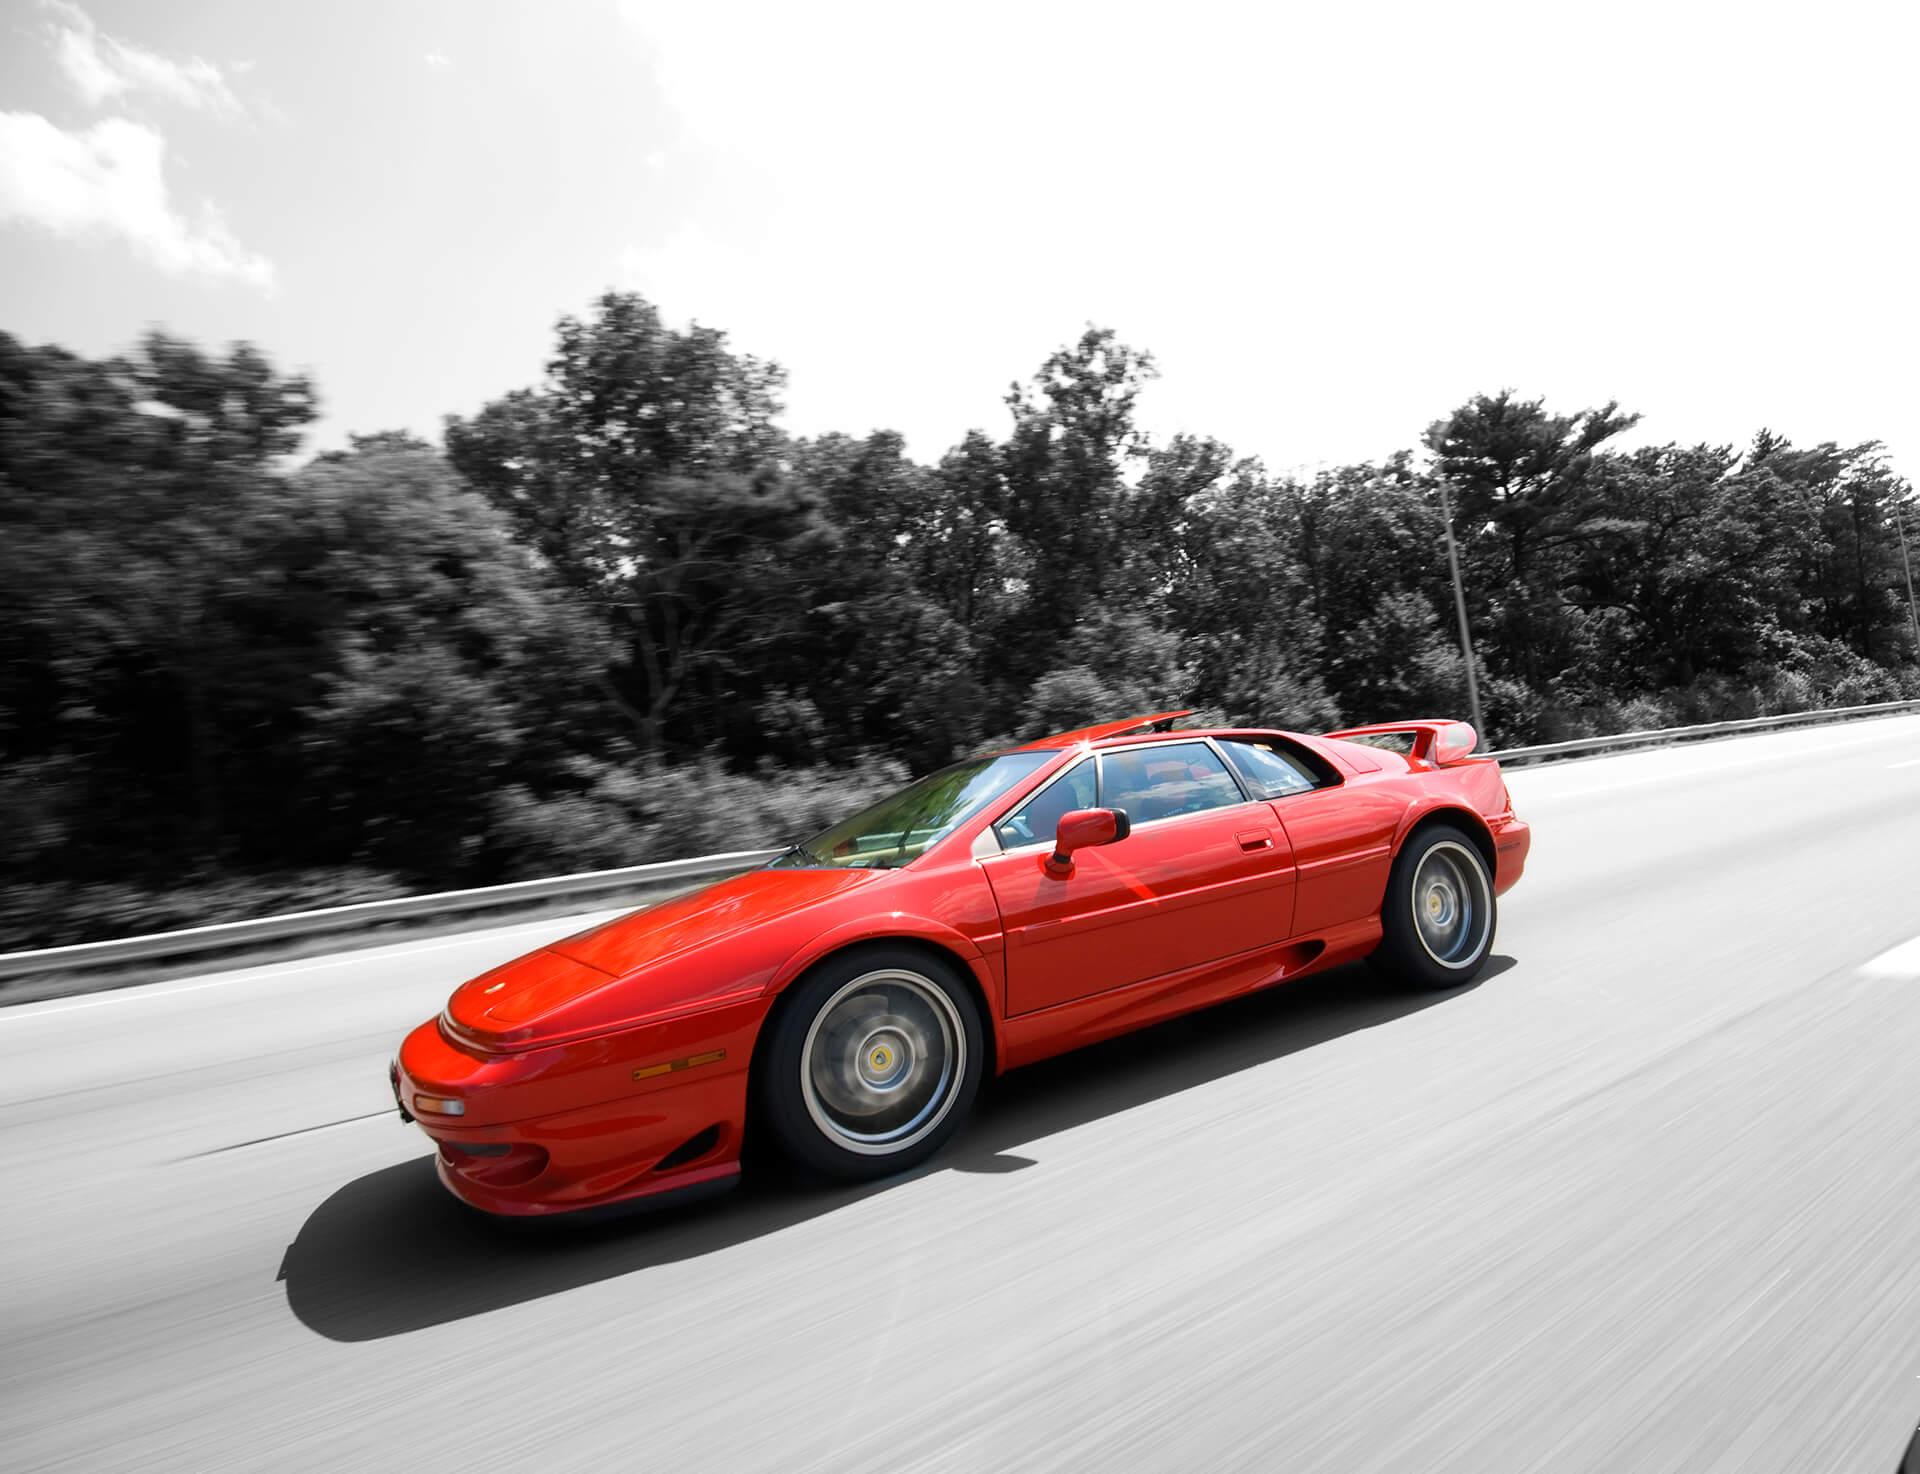 Lotus Esprit V8 podczas szybkiej jazdy